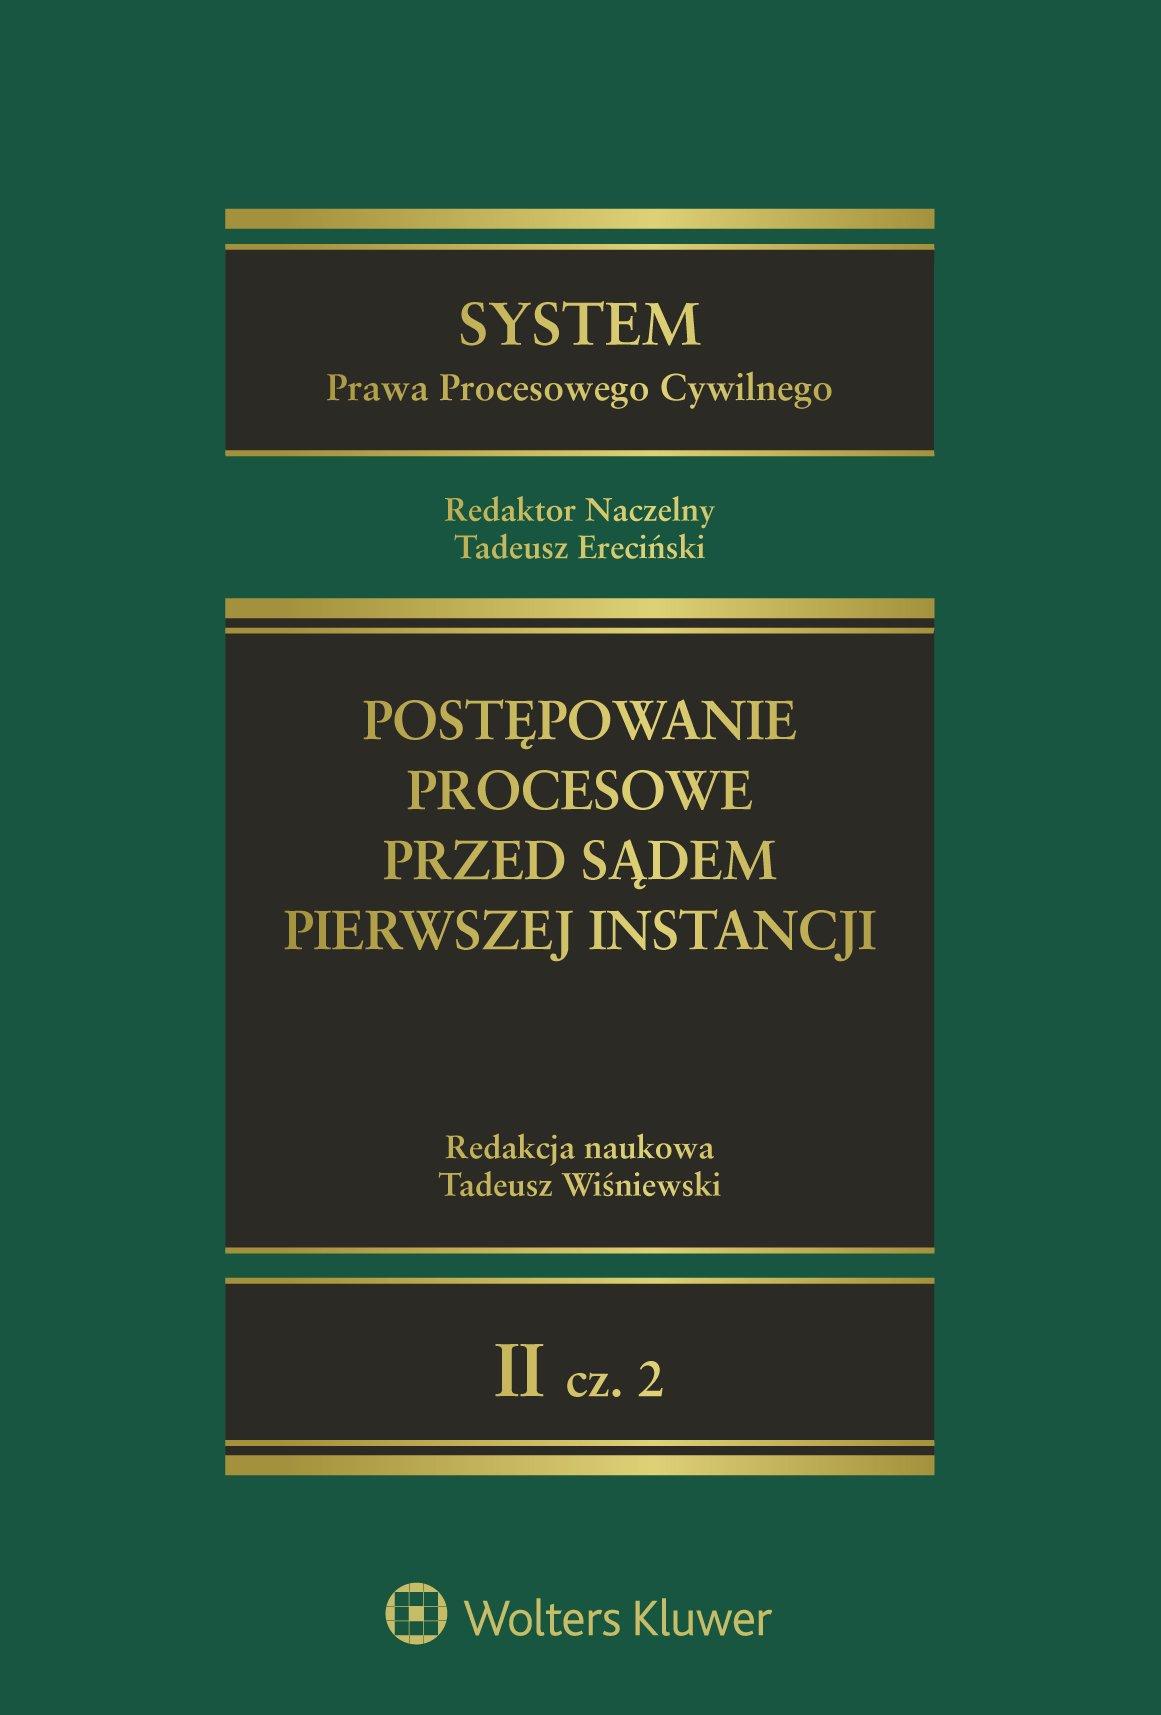 System Prawa Procesowego Cywilnego. TOM 2. Część 2. Postępowanie procesowe przed sądem pierwszej instancji - Ebook (Książka EPUB) do pobrania w formacie EPUB